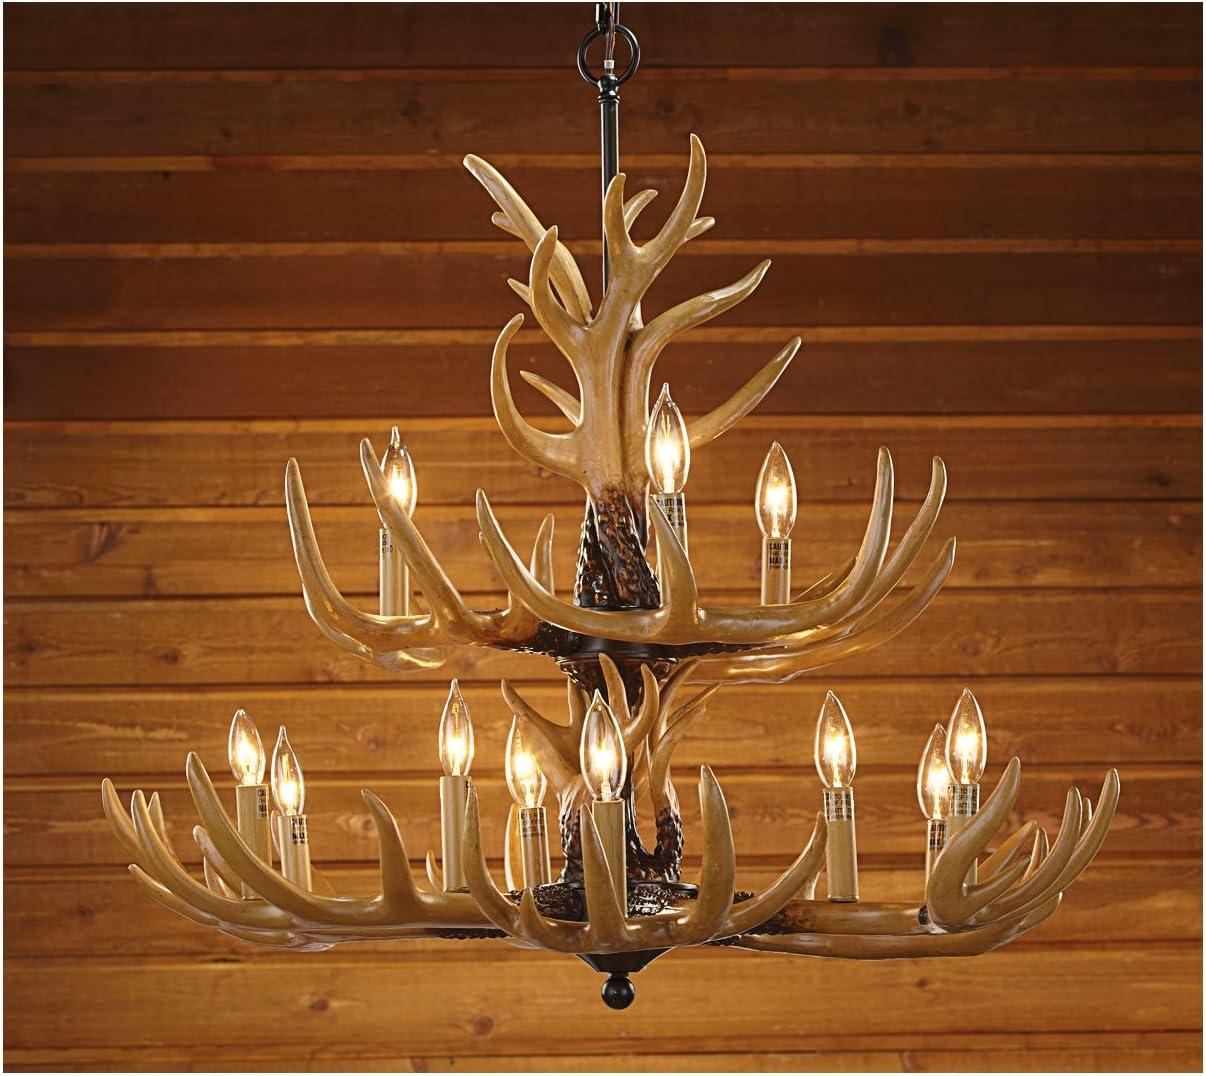 Glass Antler Chandelier | Antler lights, Rustic antler